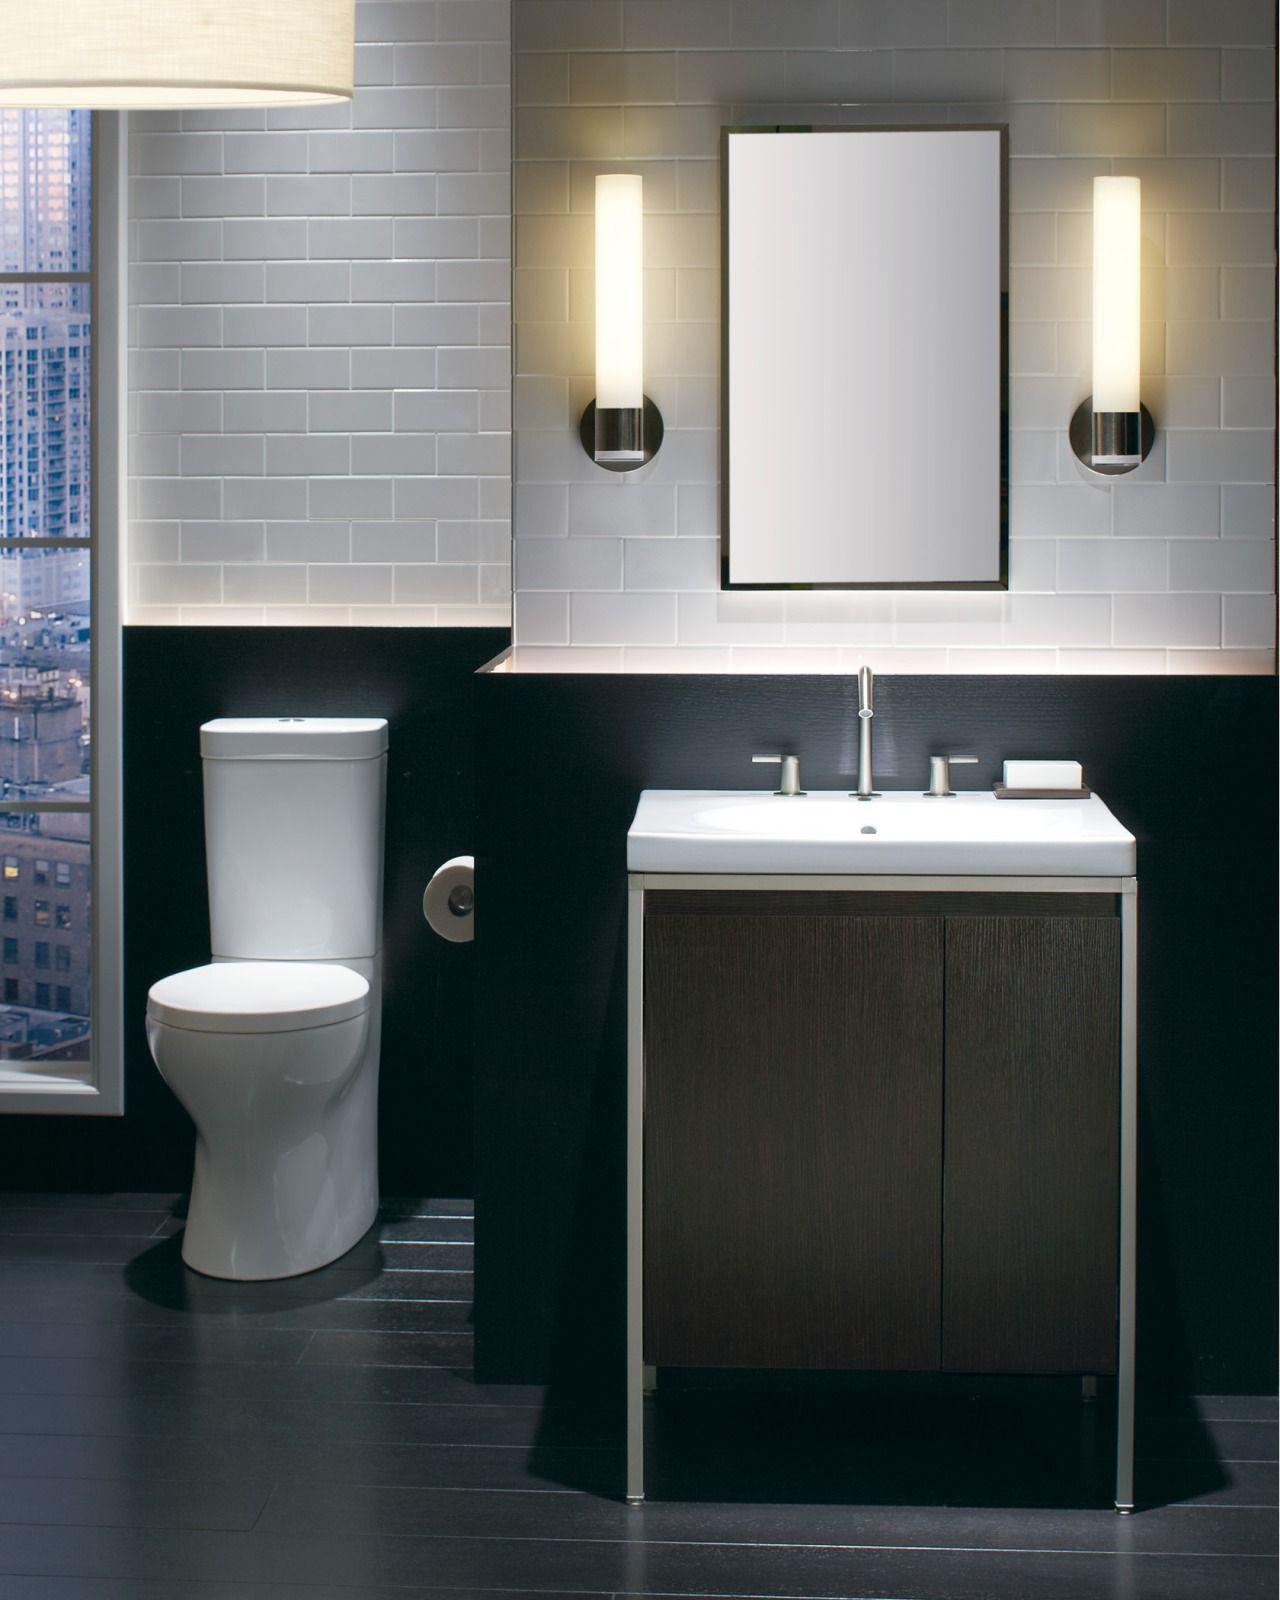 Persuade Vanity HttpwwwuskohlercomusPersuadevanity -  bathroom vanity styles